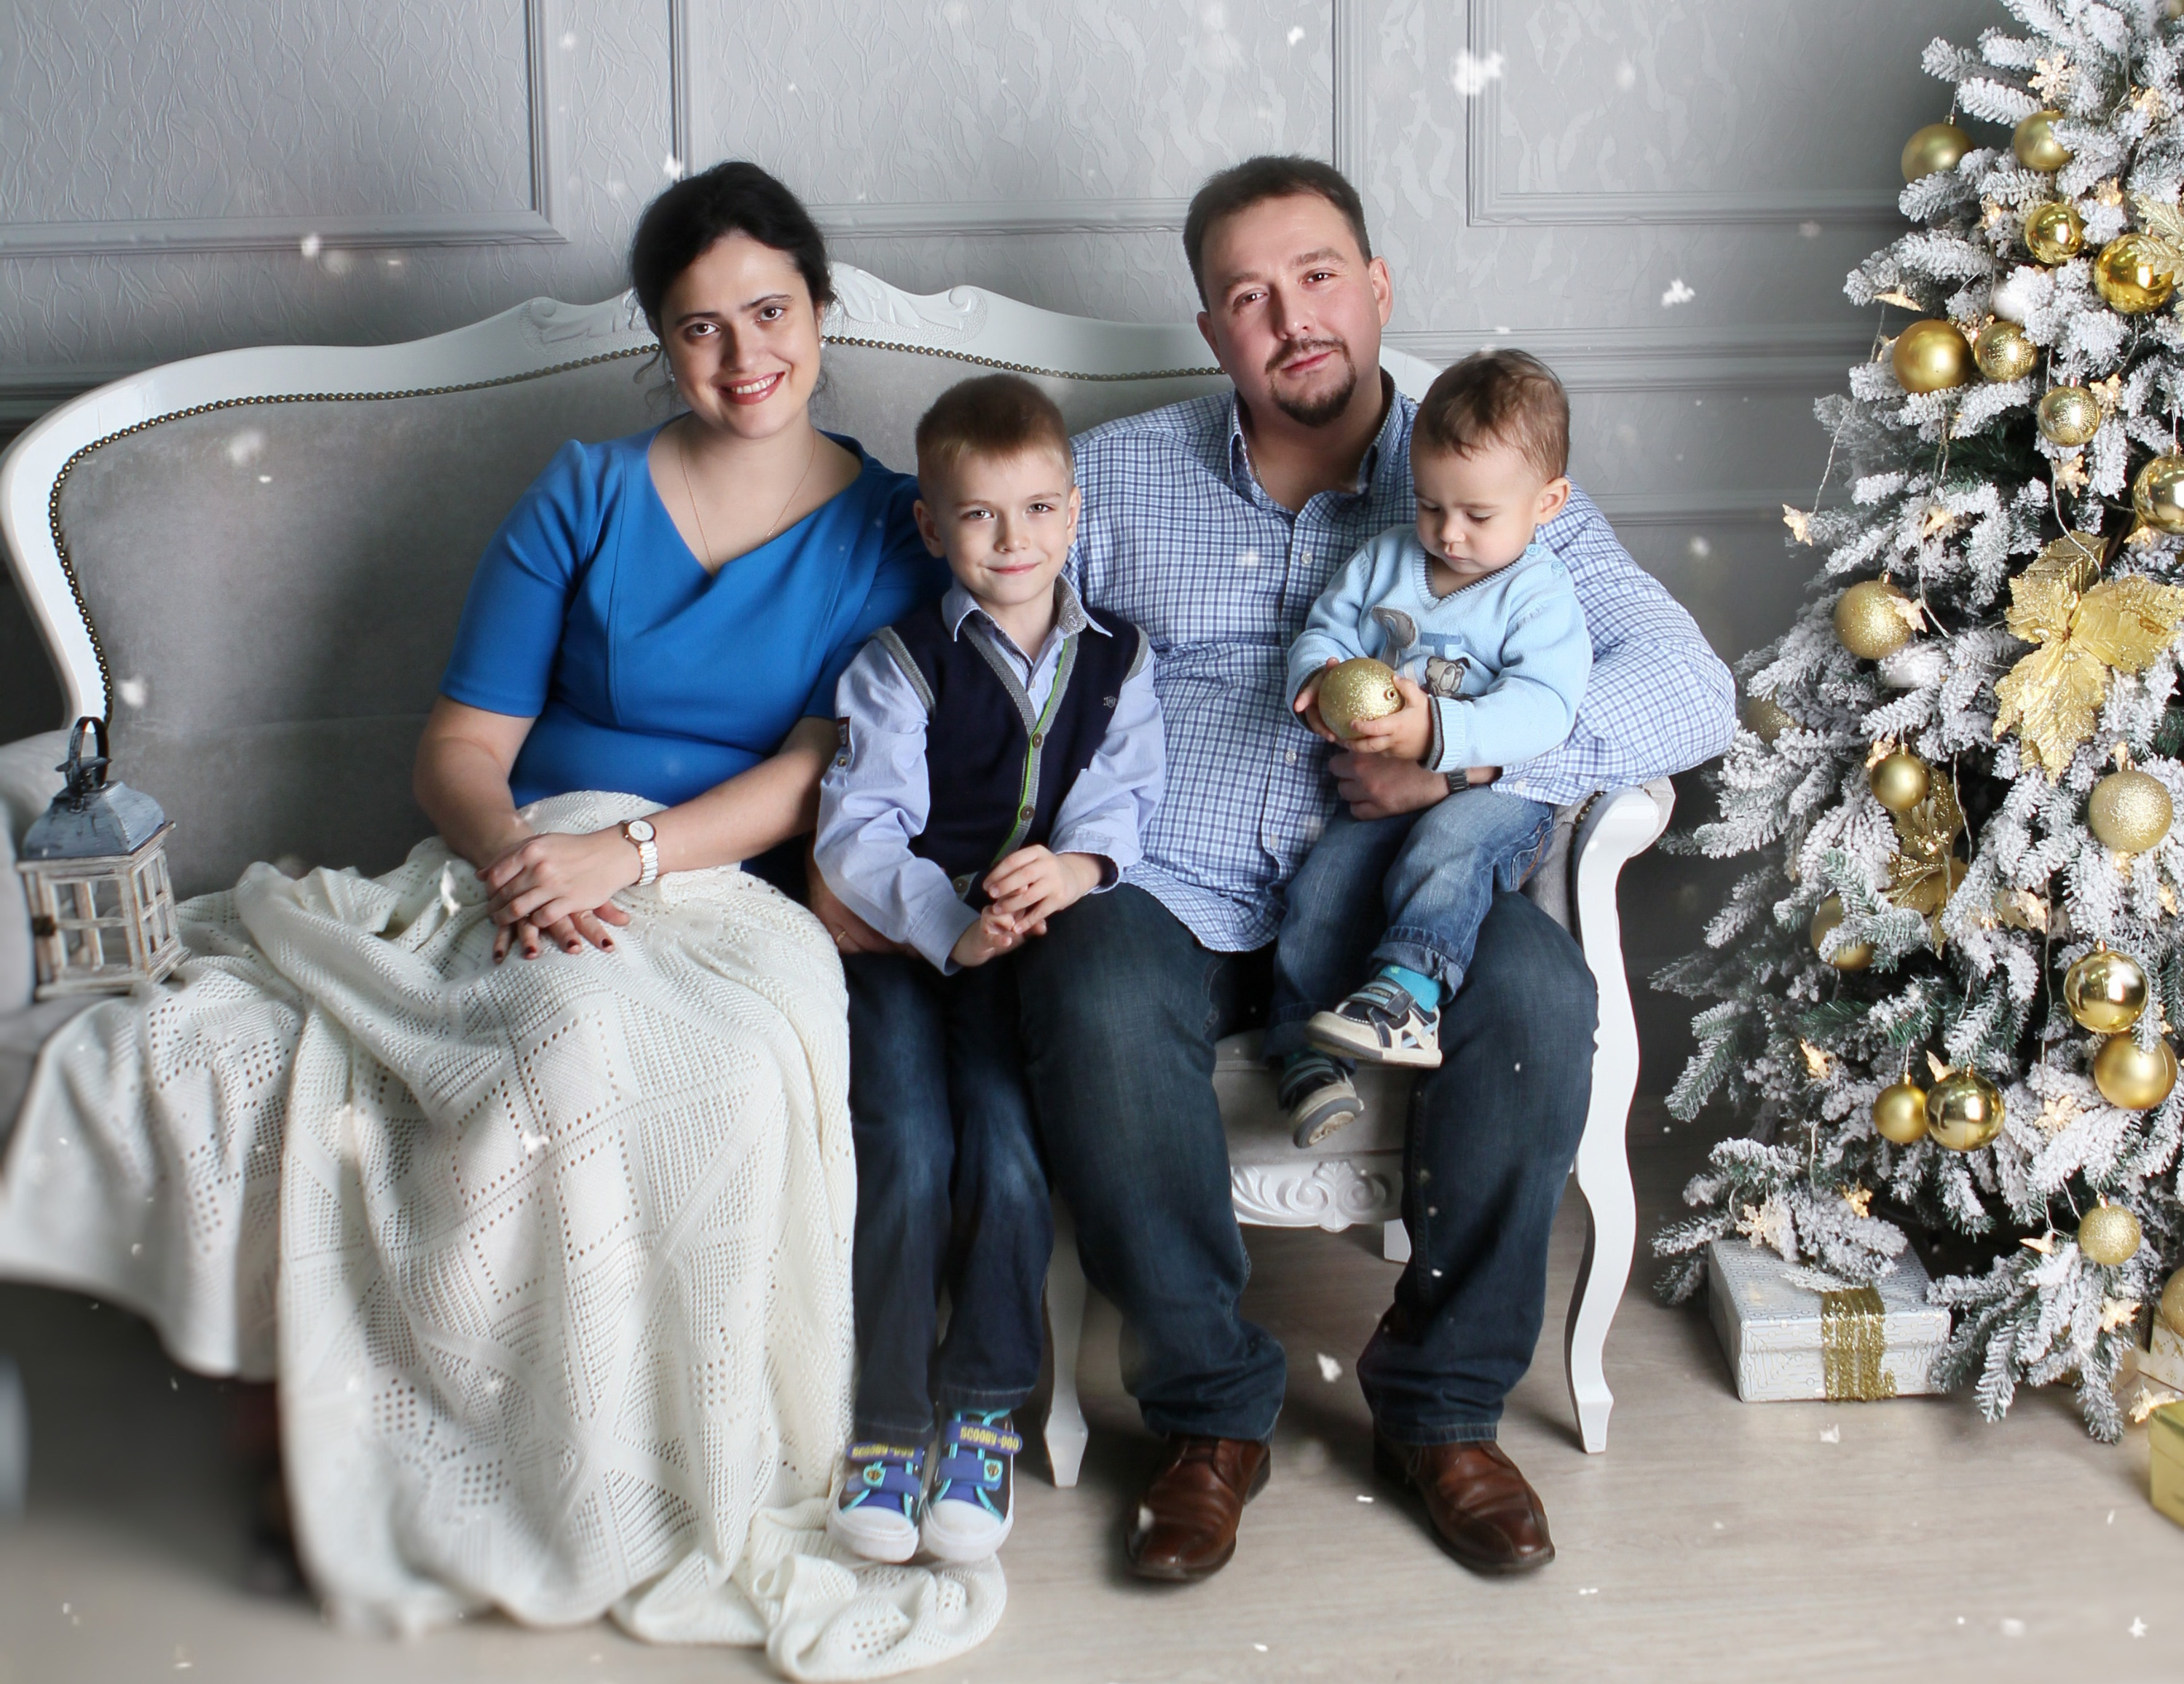 Старший сын Дмитрия хочет быть хирургом, как его папа, а младший пока что намерен стать Железным человеком из комиксов